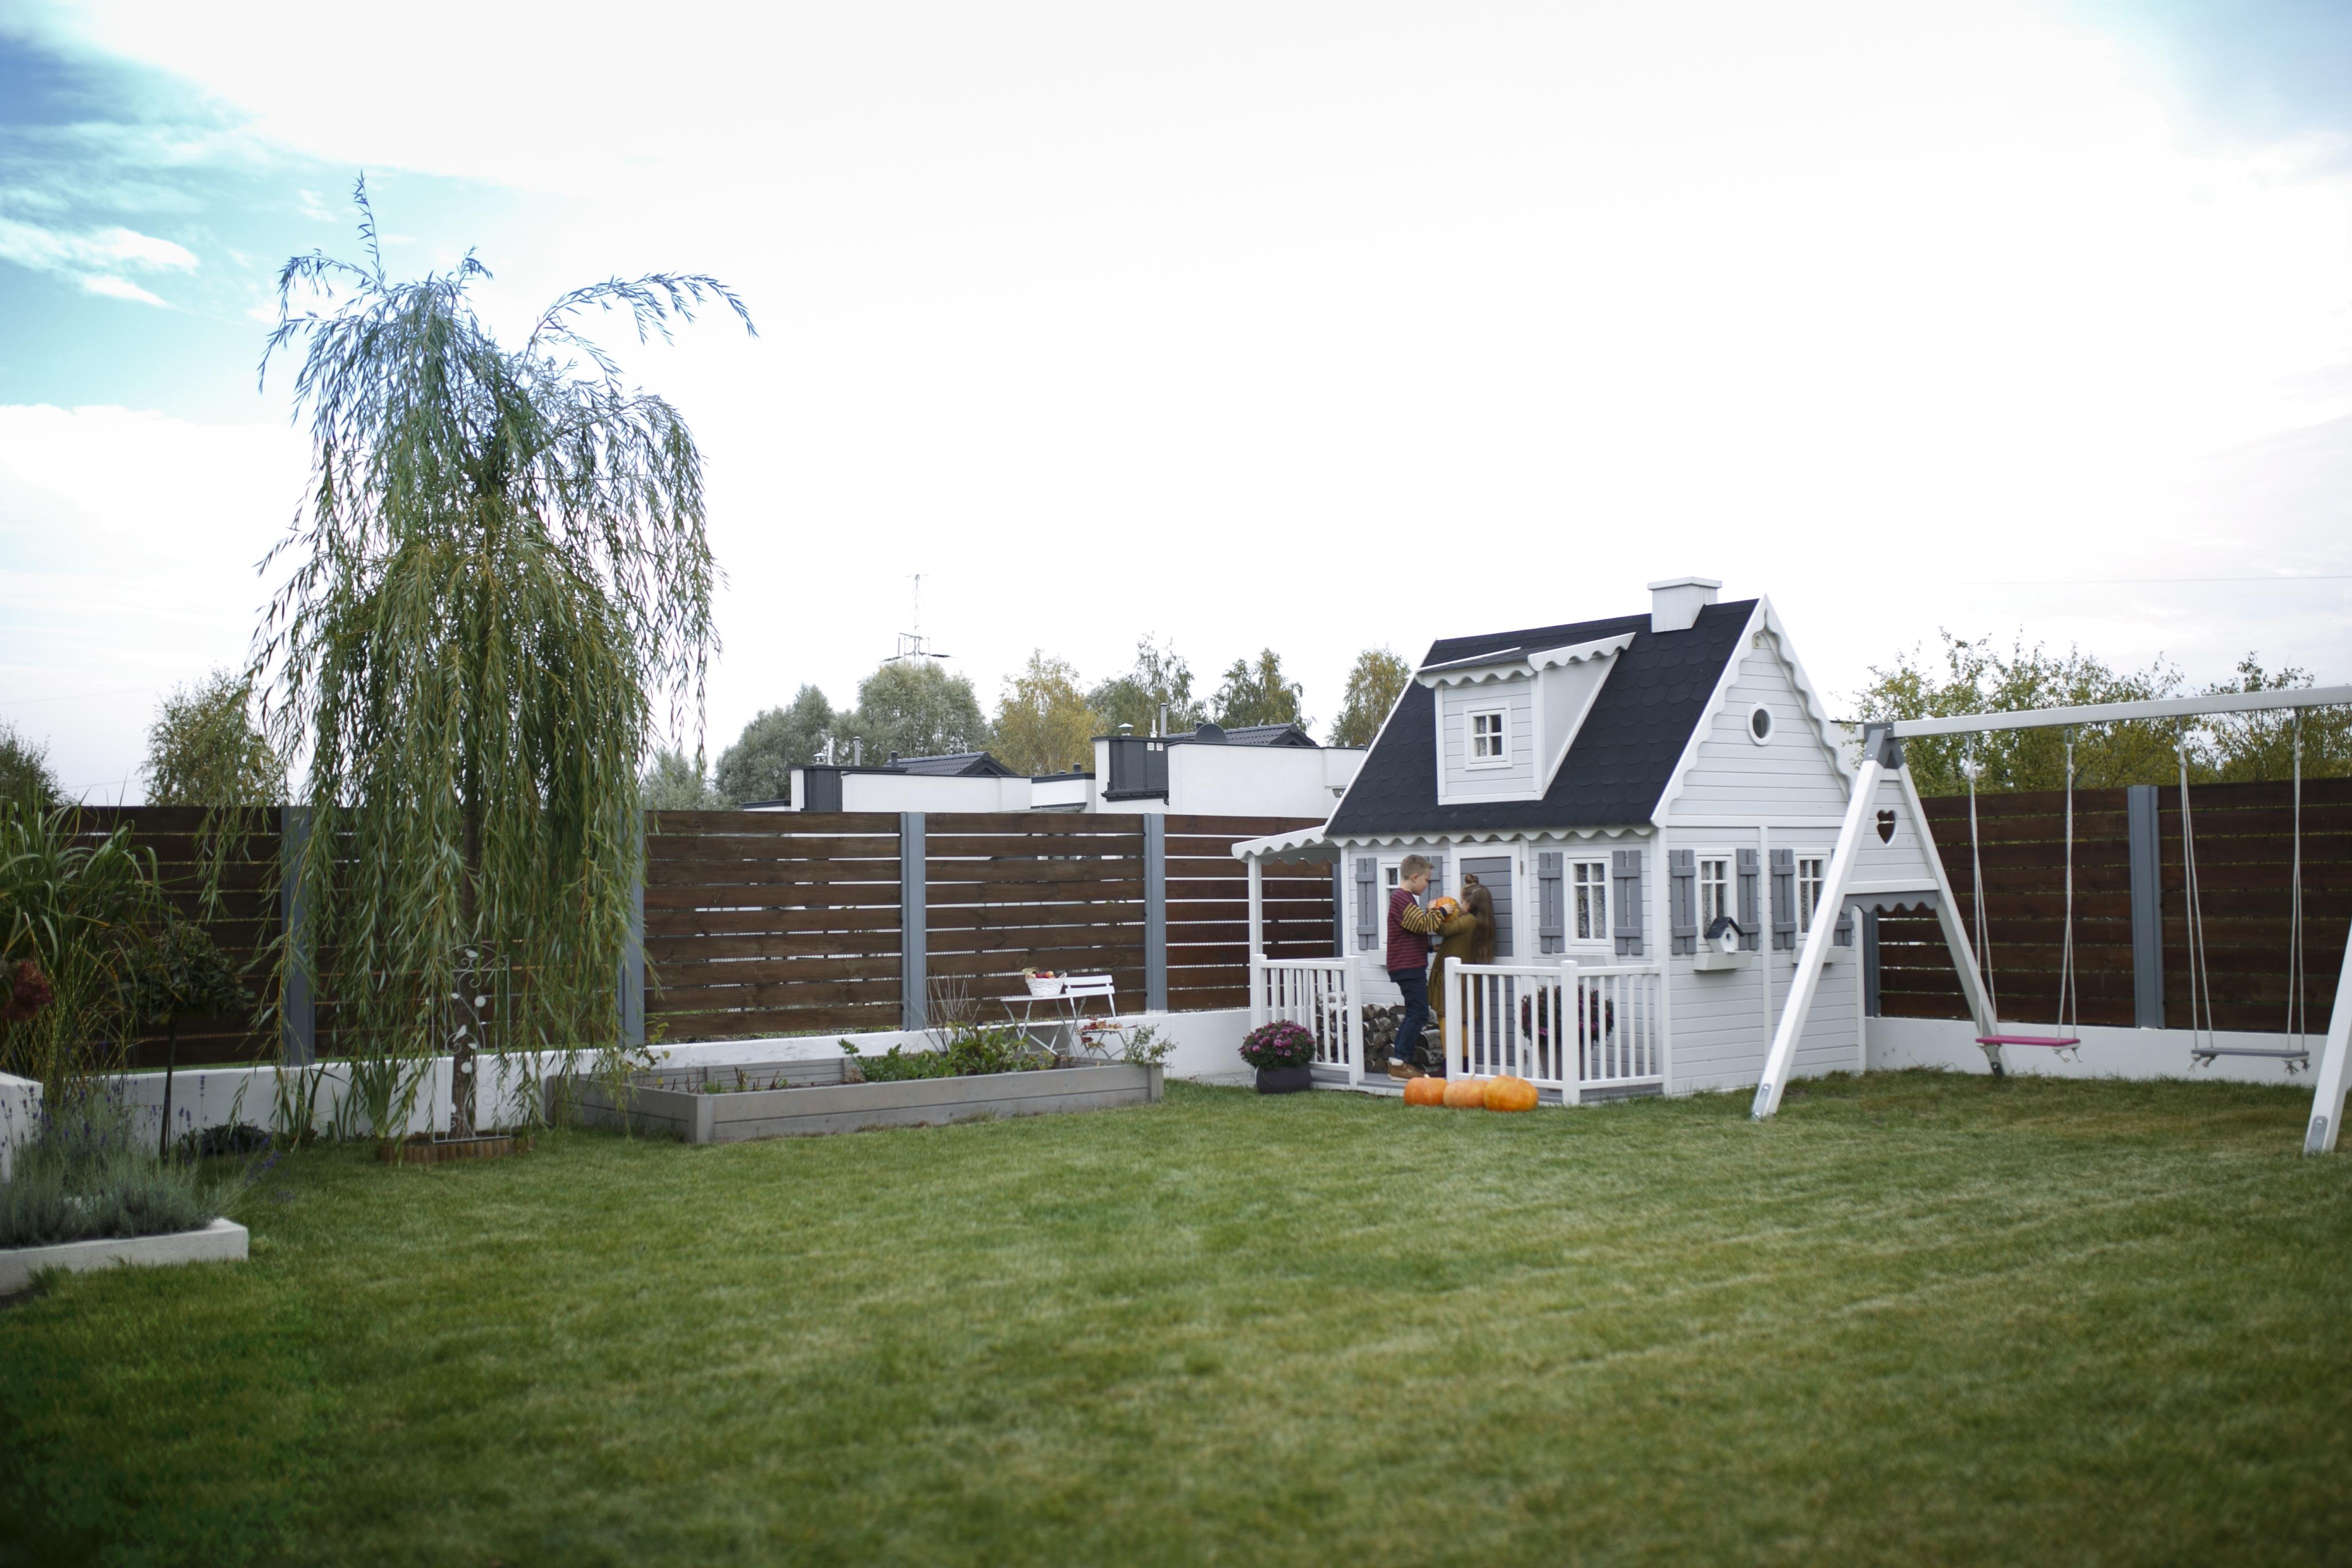 domek w ogrodzie, ogród